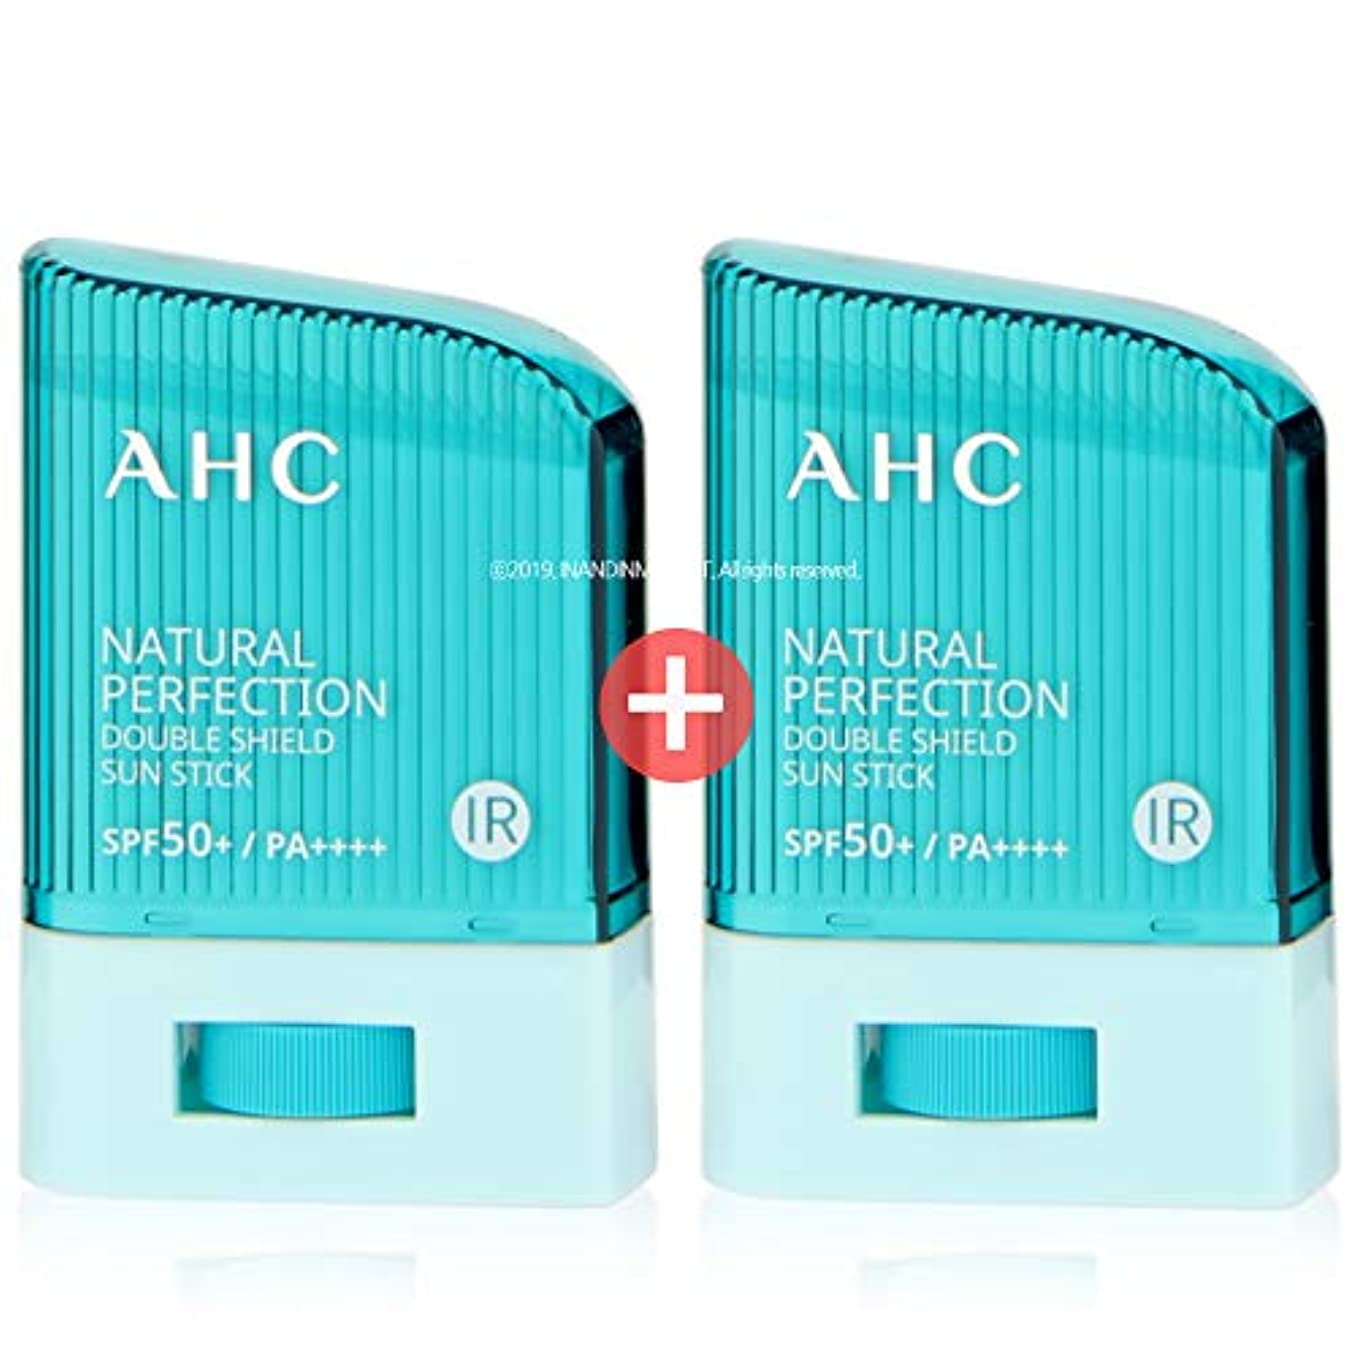 ペース配置フリッパー[ 1+1 ] AHC ナチュラルパーフェクションダブルシールドサンスティック 14g, Natural Perfection Double Shield Sun Stick SPF50+ PA++++